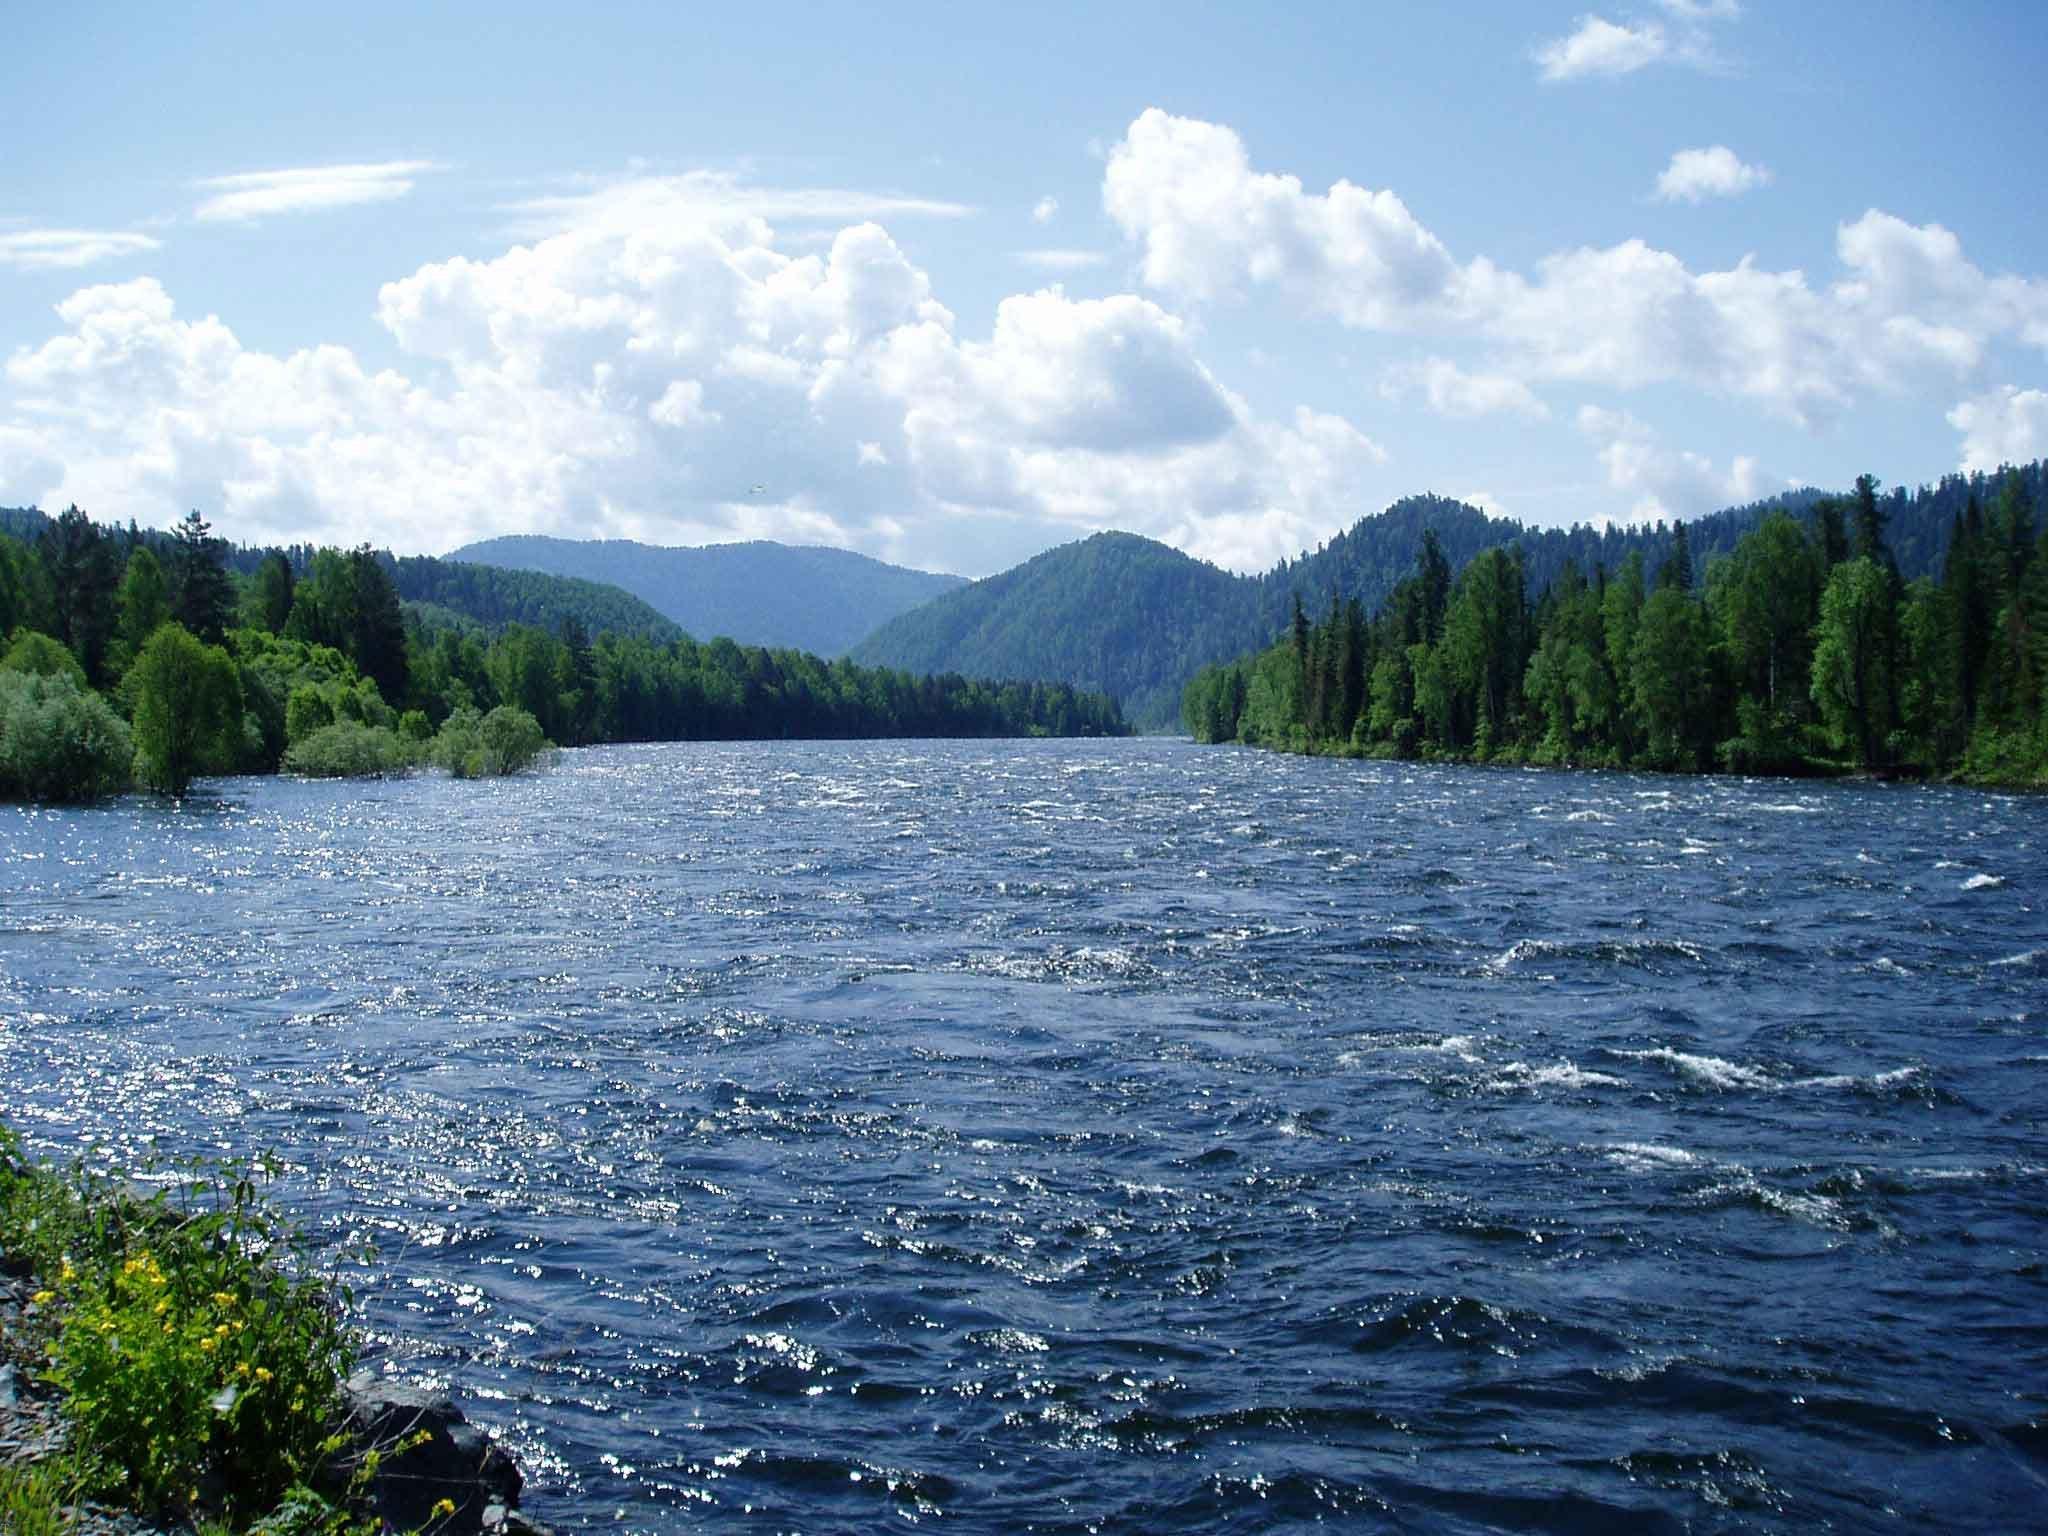 تعبیر خواب رودخانه از بزرگان تعبیر خواب